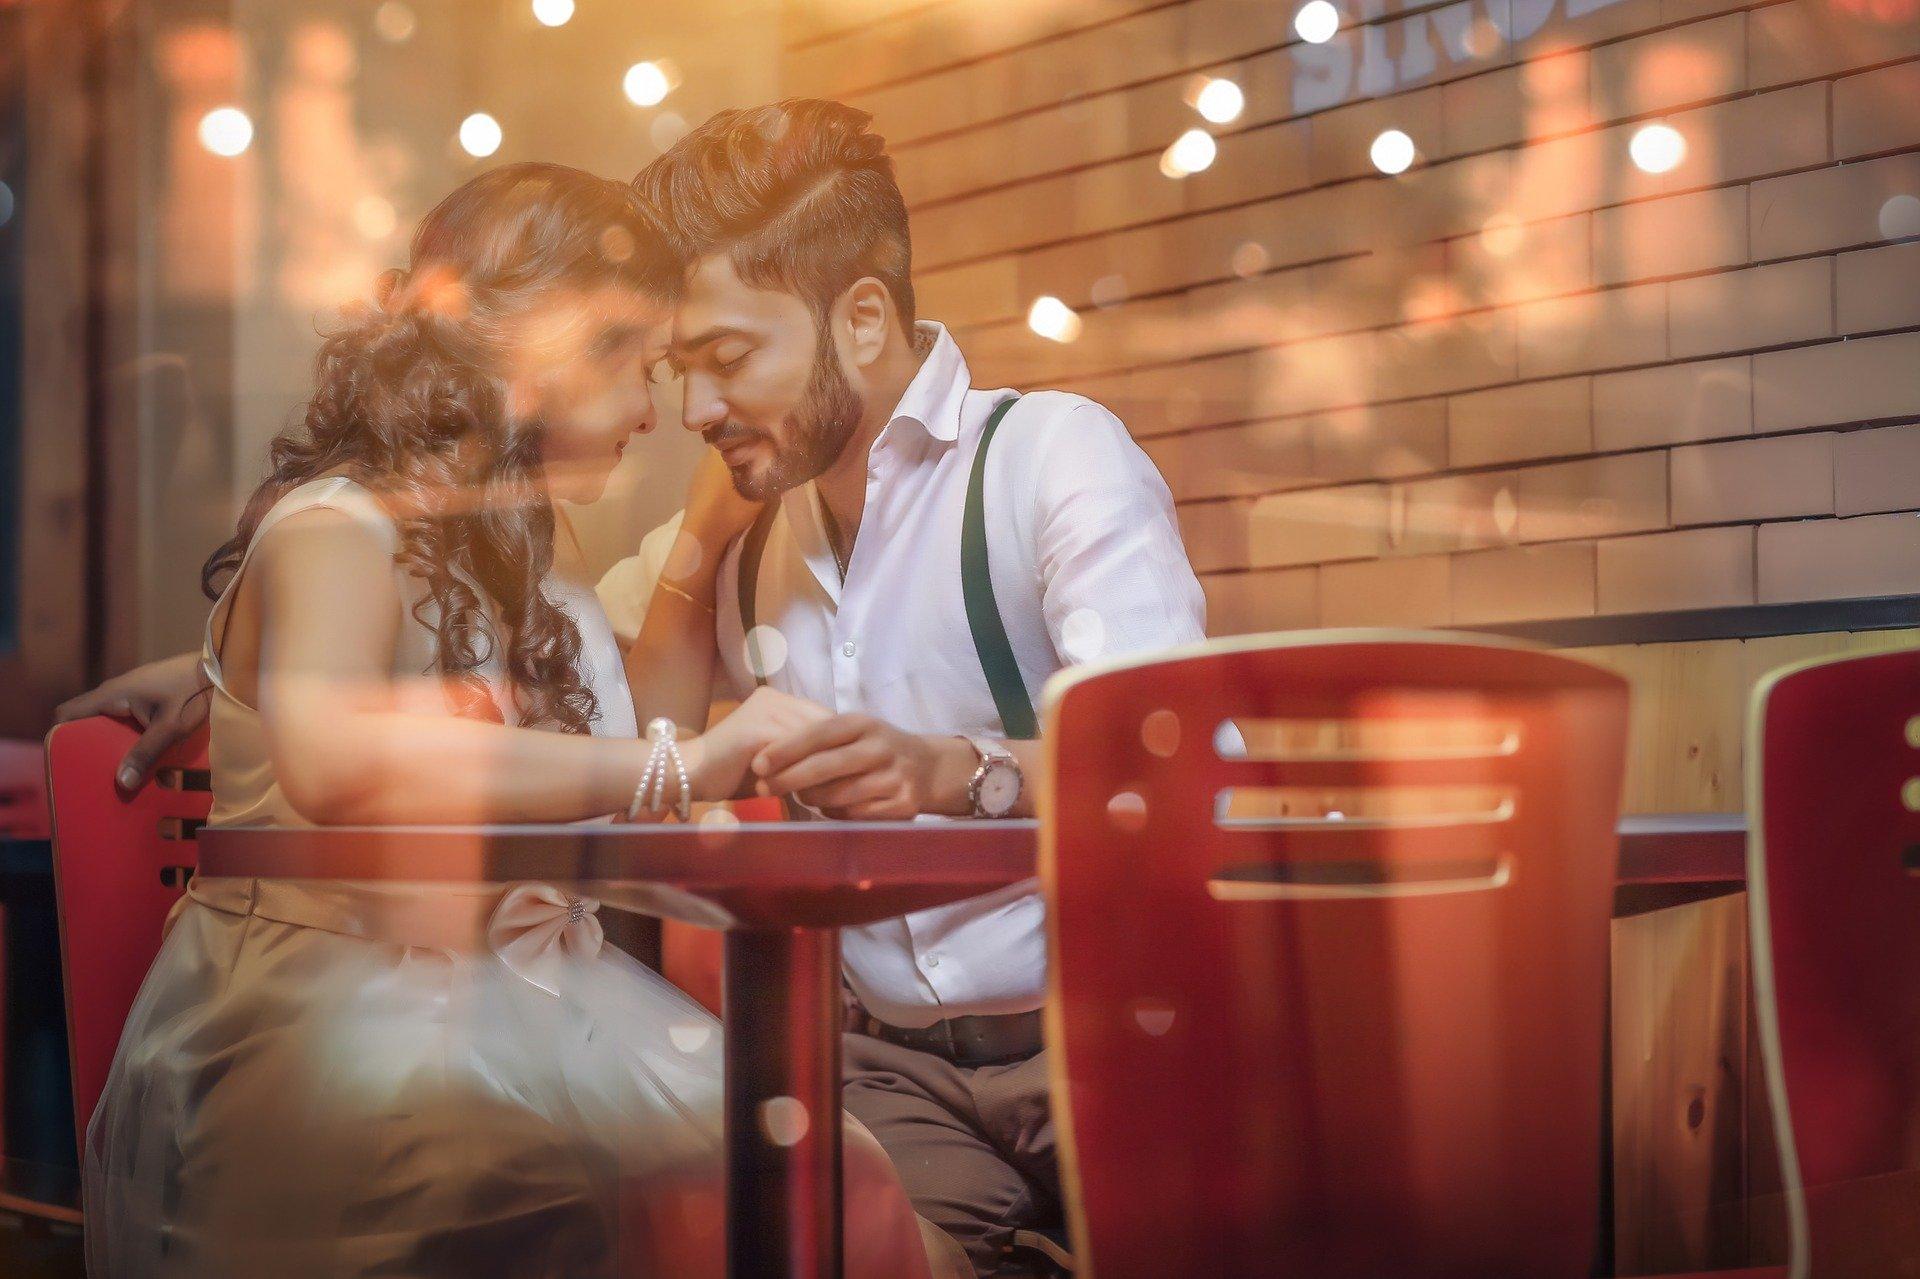 セカンドパートナーで新たな恋の形を見つけ出す時のメリットとデメリットを徹底解説